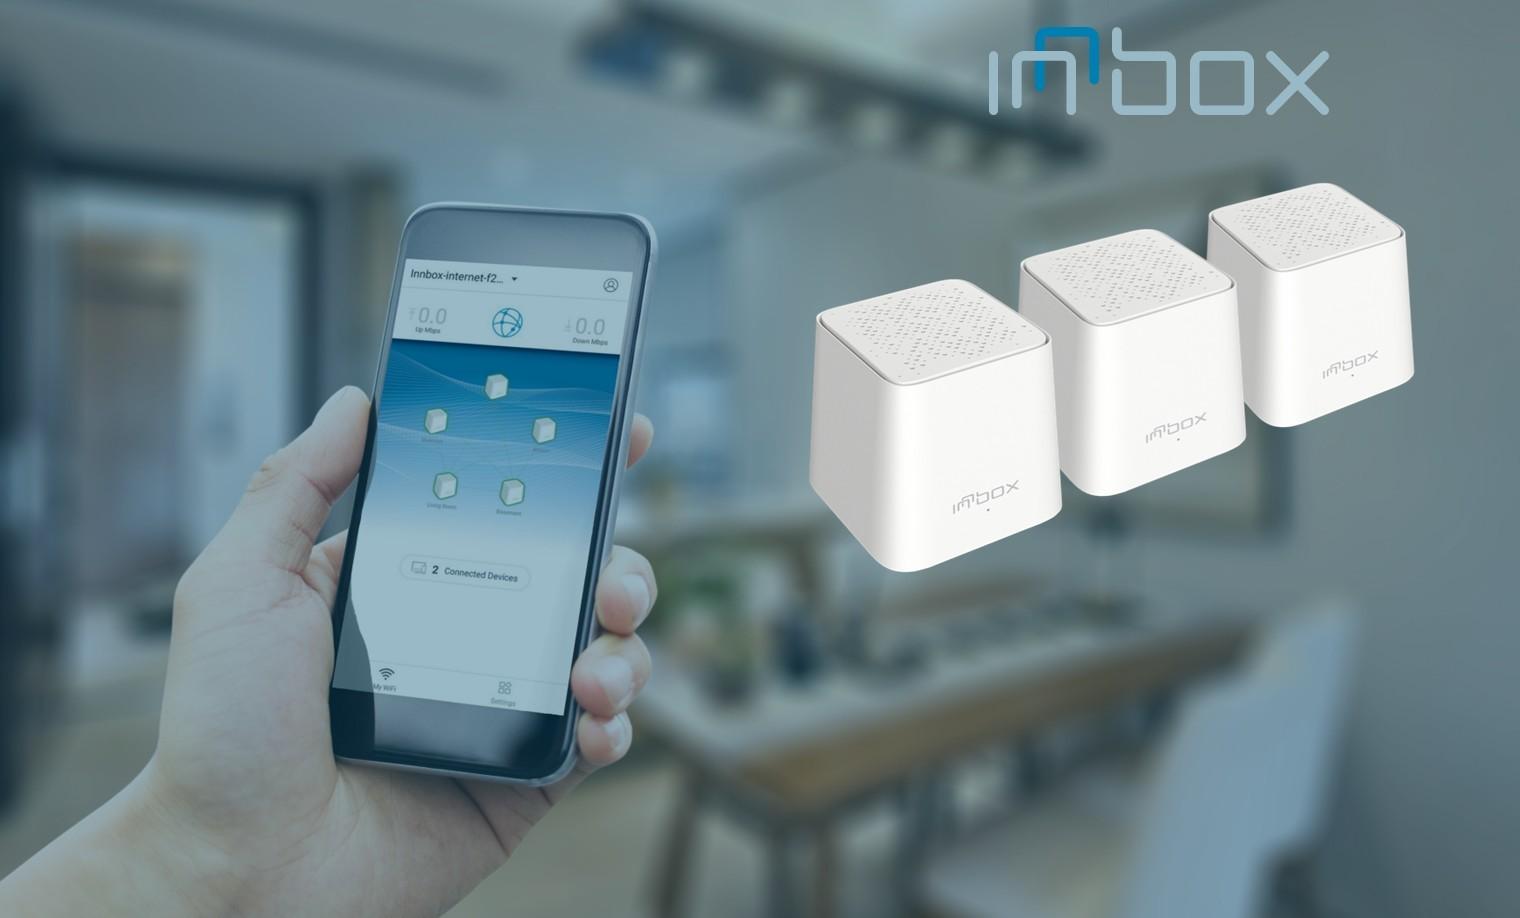 Končni uporabniki imajo dostop do mobilne aplikacije, preproste za uporabo, ki jim omogoča spremljanje učinkovitosti delovanja omrežja Wi-Fi.